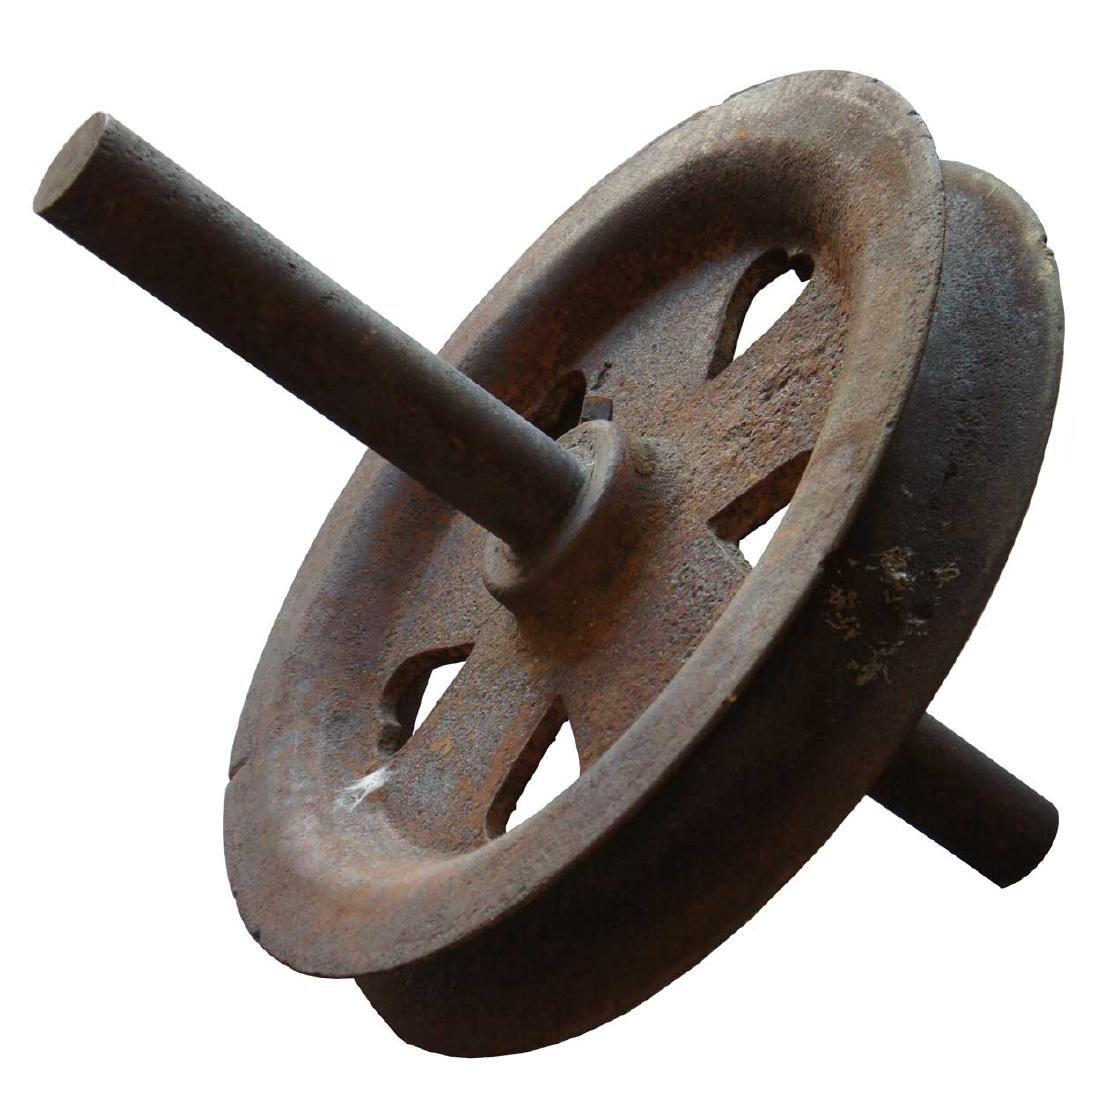 American Industrial Cast Iron Heart Spoke Pulley Wheel